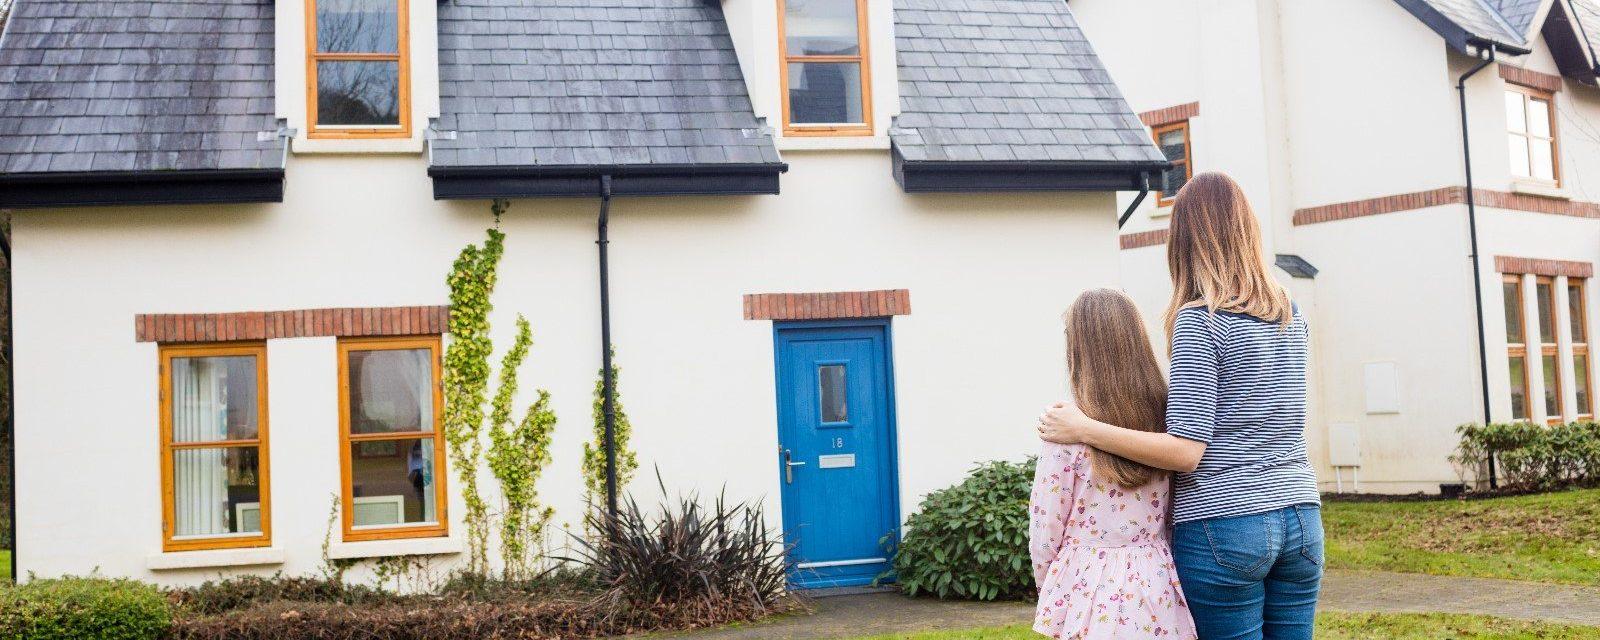 Imposte su acquisto prima casa ue fiscale ue guida - Imposta di registro acquisto seconda casa ...